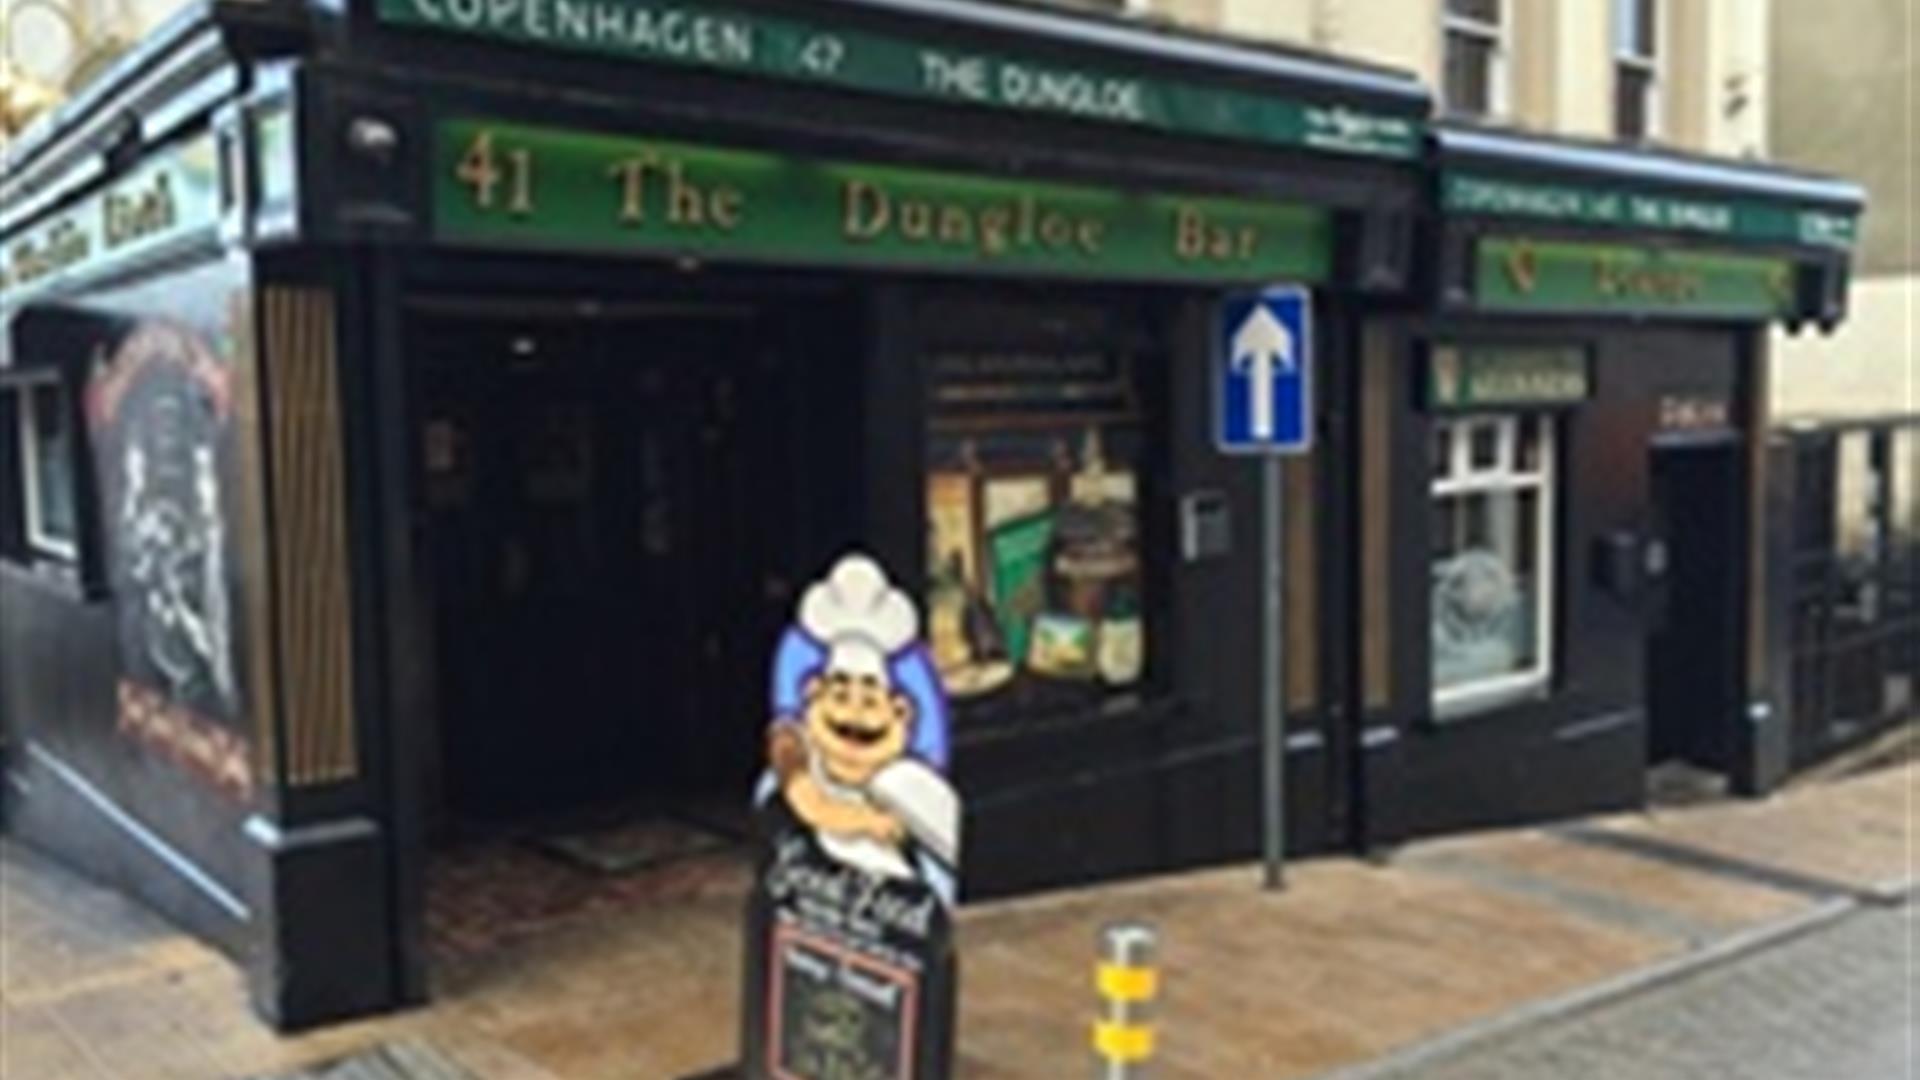 Dungloe Bar